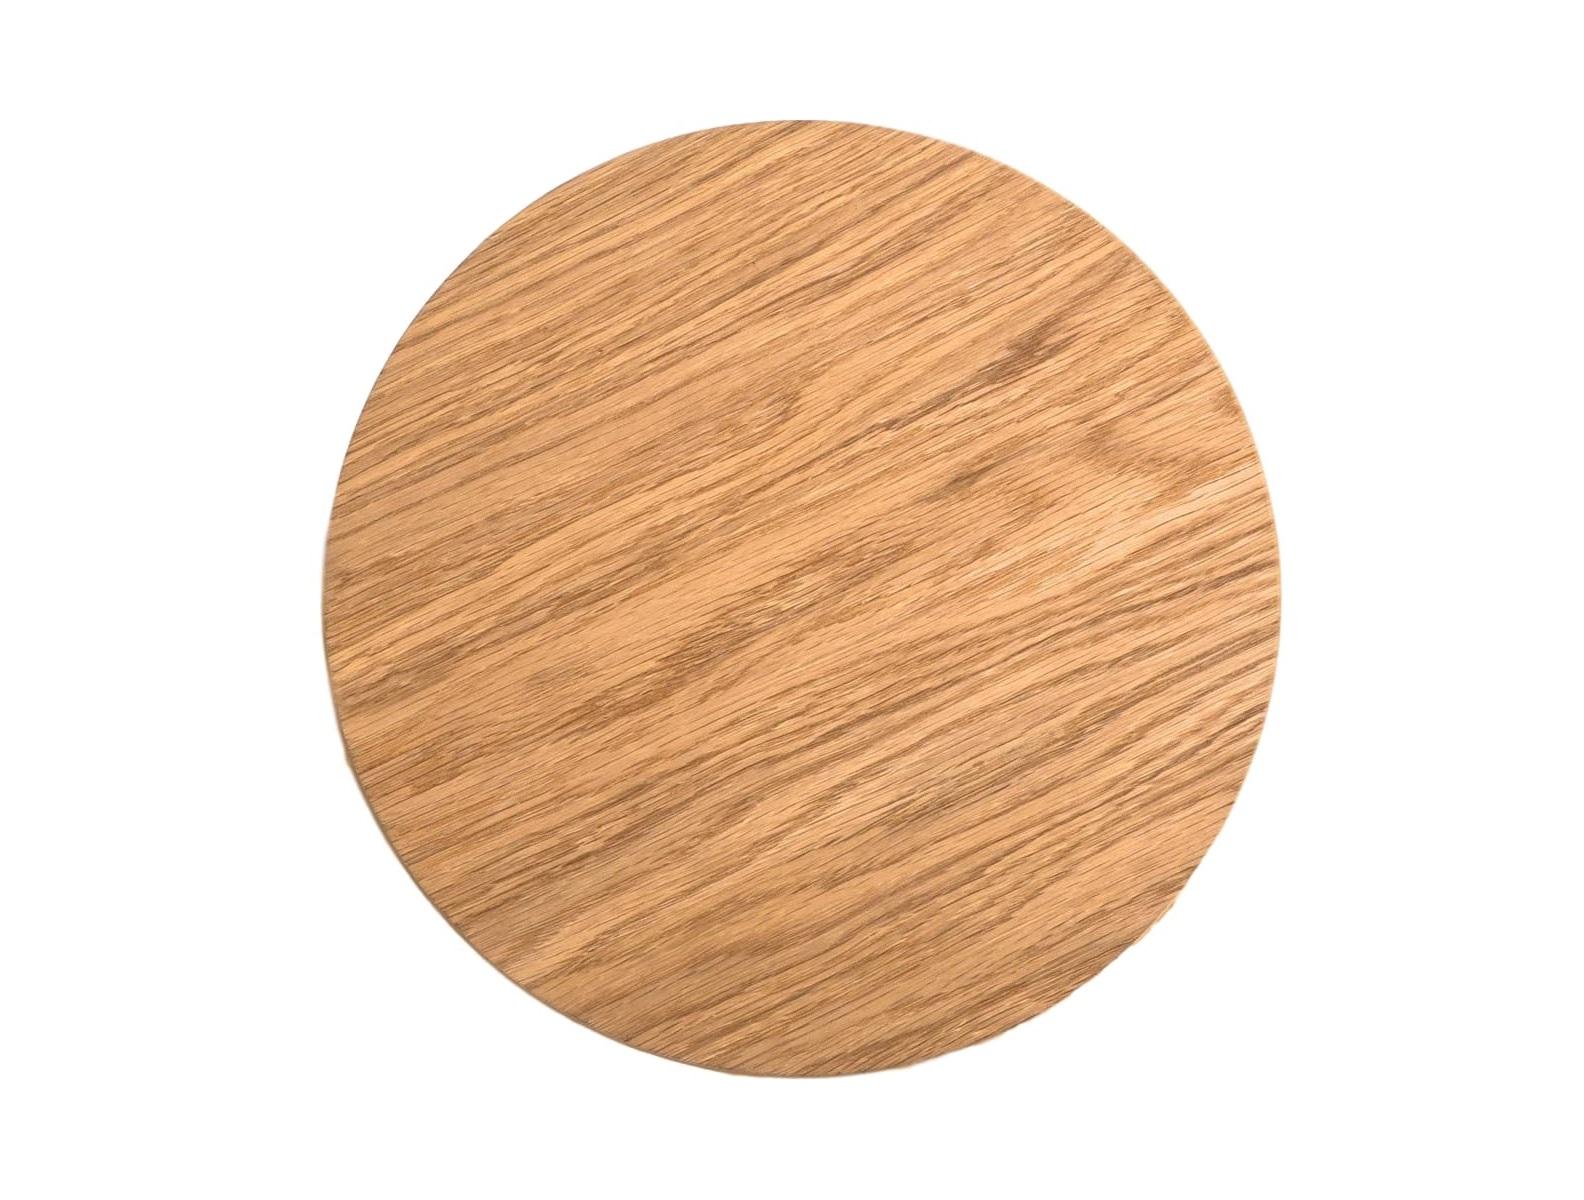 Бра КругБра<br>Настенный светильник &amp;amp;nbsp;шпонирован дубом, имеет минималистичную круглую форму и идеально подойдёт для современного дизайна интерьера. Дерево покрыто натуральными маслами, которые максимально «проявляют» всю красоту текстуры и натуральные волнообразные линии. Простая форма плафона прячет и крепёж, и источник равномерно распределённого света.&amp;lt;div&amp;gt;&amp;lt;br&amp;gt;&amp;lt;/div&amp;gt;&amp;lt;div&amp;gt;Вид цоколя: LED&amp;lt;br&amp;gt;&amp;lt;/div&amp;gt;&amp;lt;div&amp;gt;&amp;lt;div&amp;gt;Мощность: &amp;amp;nbsp;7.2W&amp;amp;nbsp;&amp;lt;/div&amp;gt;&amp;lt;div&amp;gt;Количество ламп: 1 (в комплекте)&amp;lt;/div&amp;gt;&amp;lt;/div&amp;gt;<br><br>Material: Шпон<br>Depth см: 6.5<br>Diameter см: 29.5